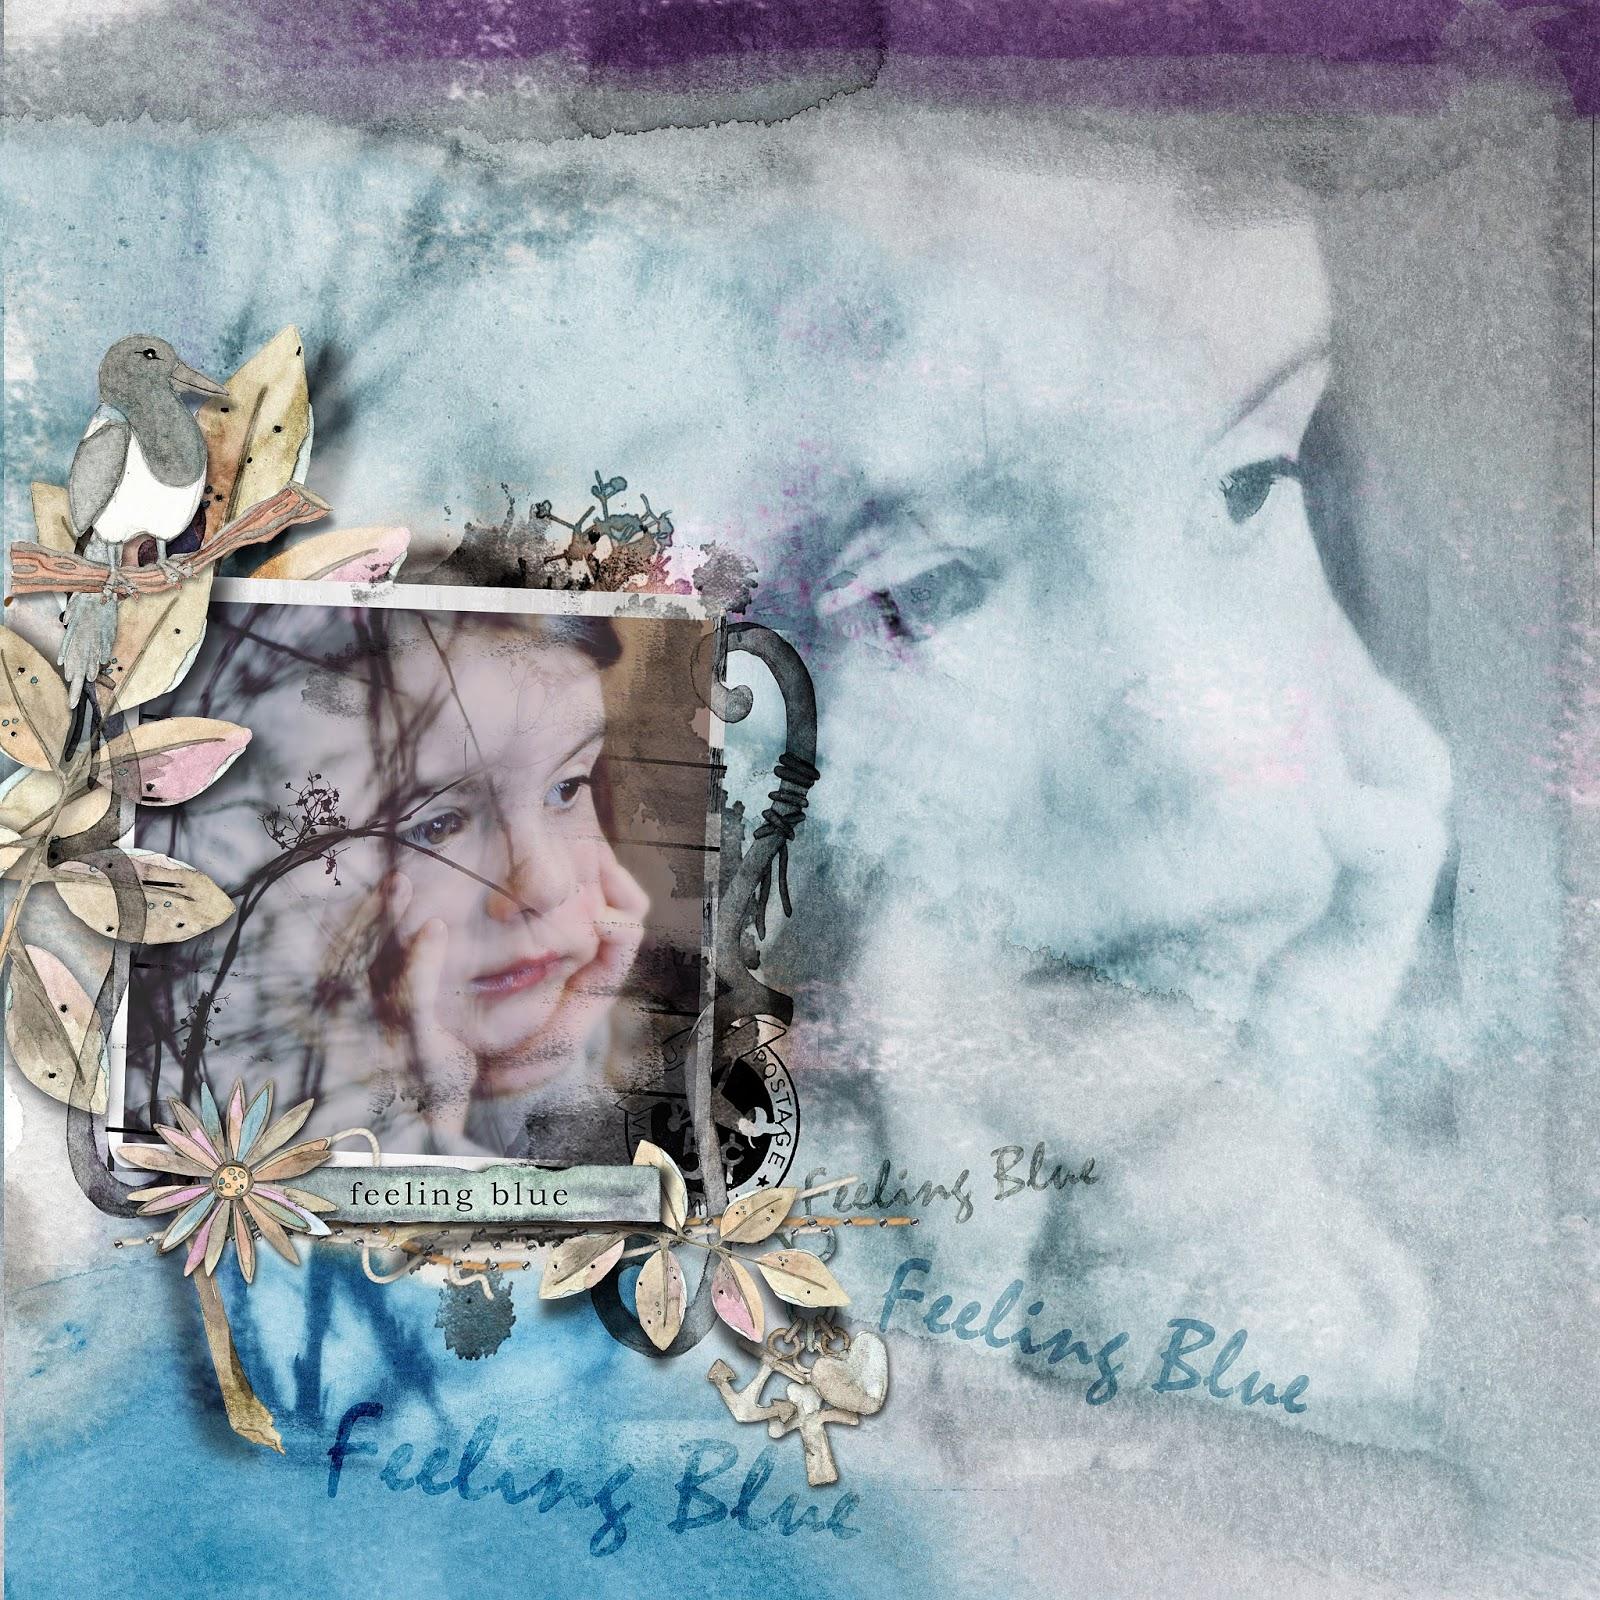 scrapbooking digital clindoeildesign clin d'oeil design Dawn Inskip darkest day collection